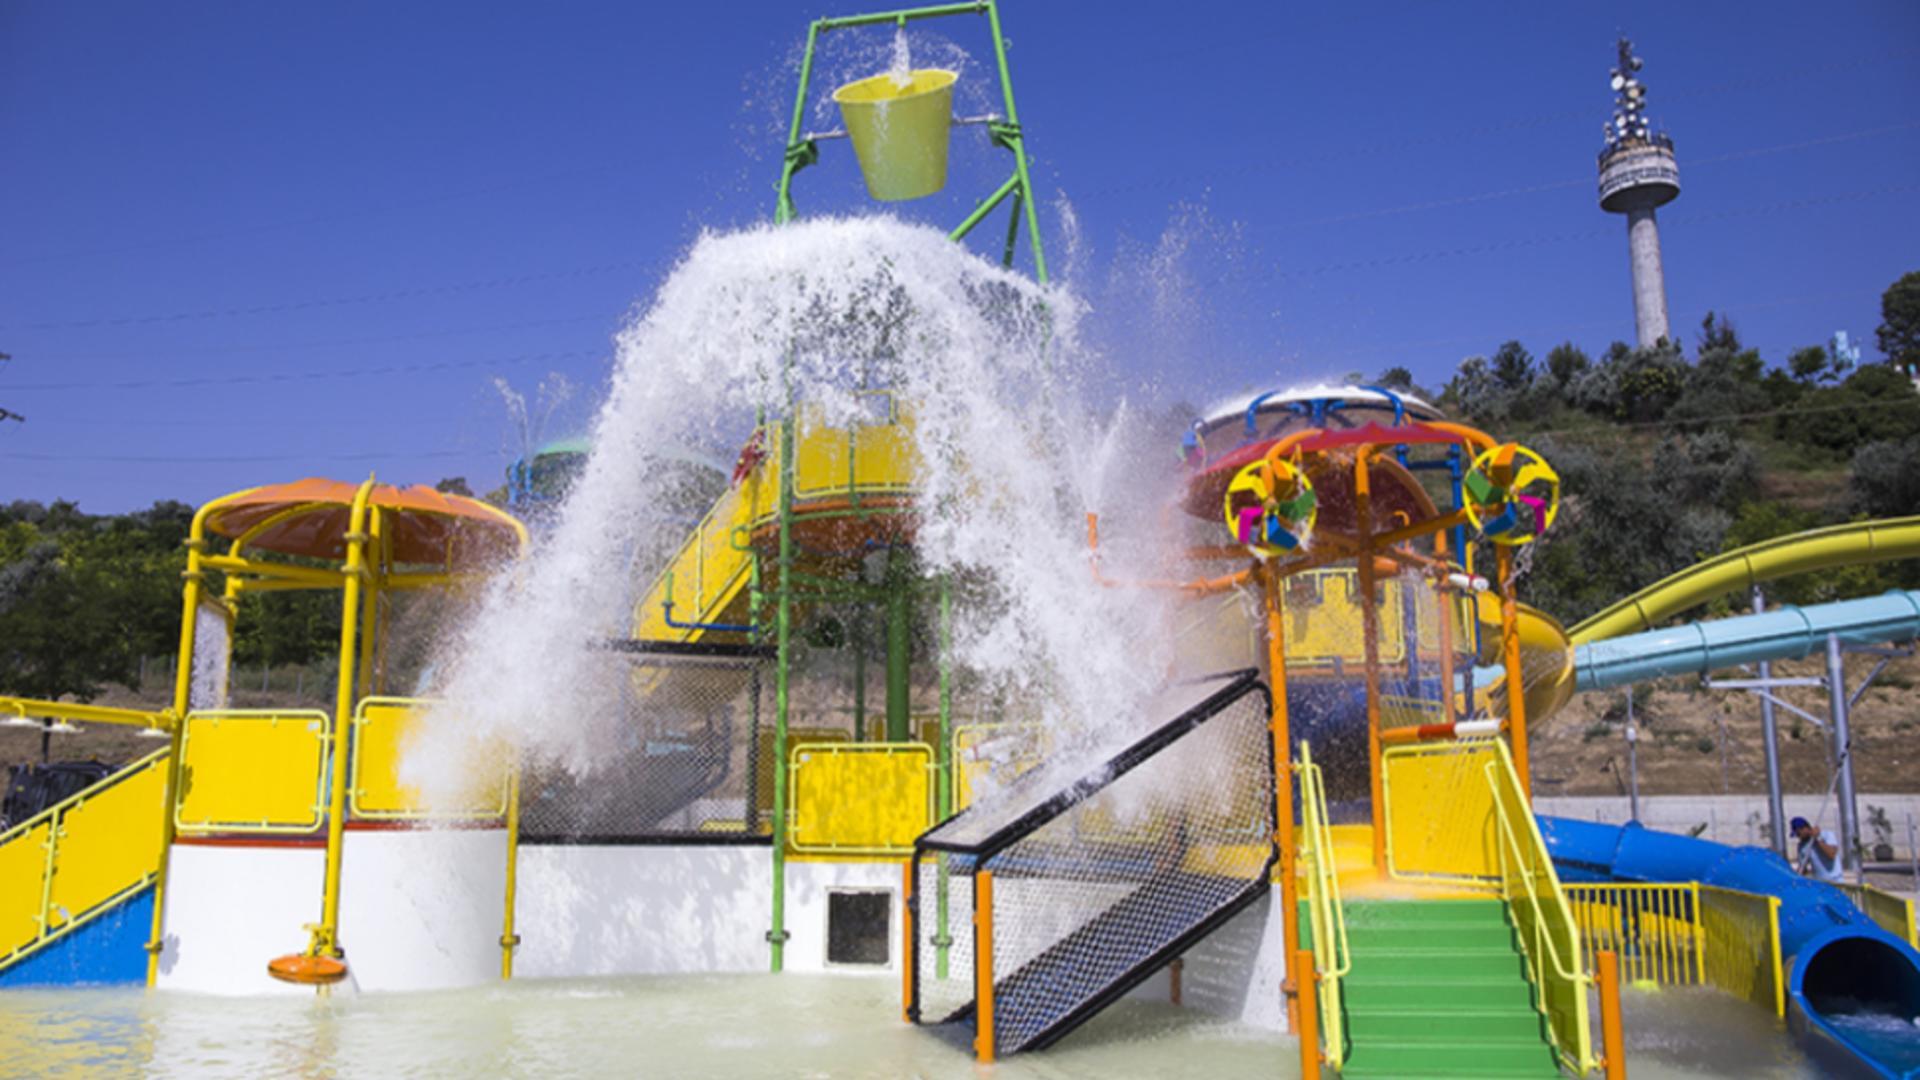 Aquapark-ul de pe malul Dunării, din Galaţi.